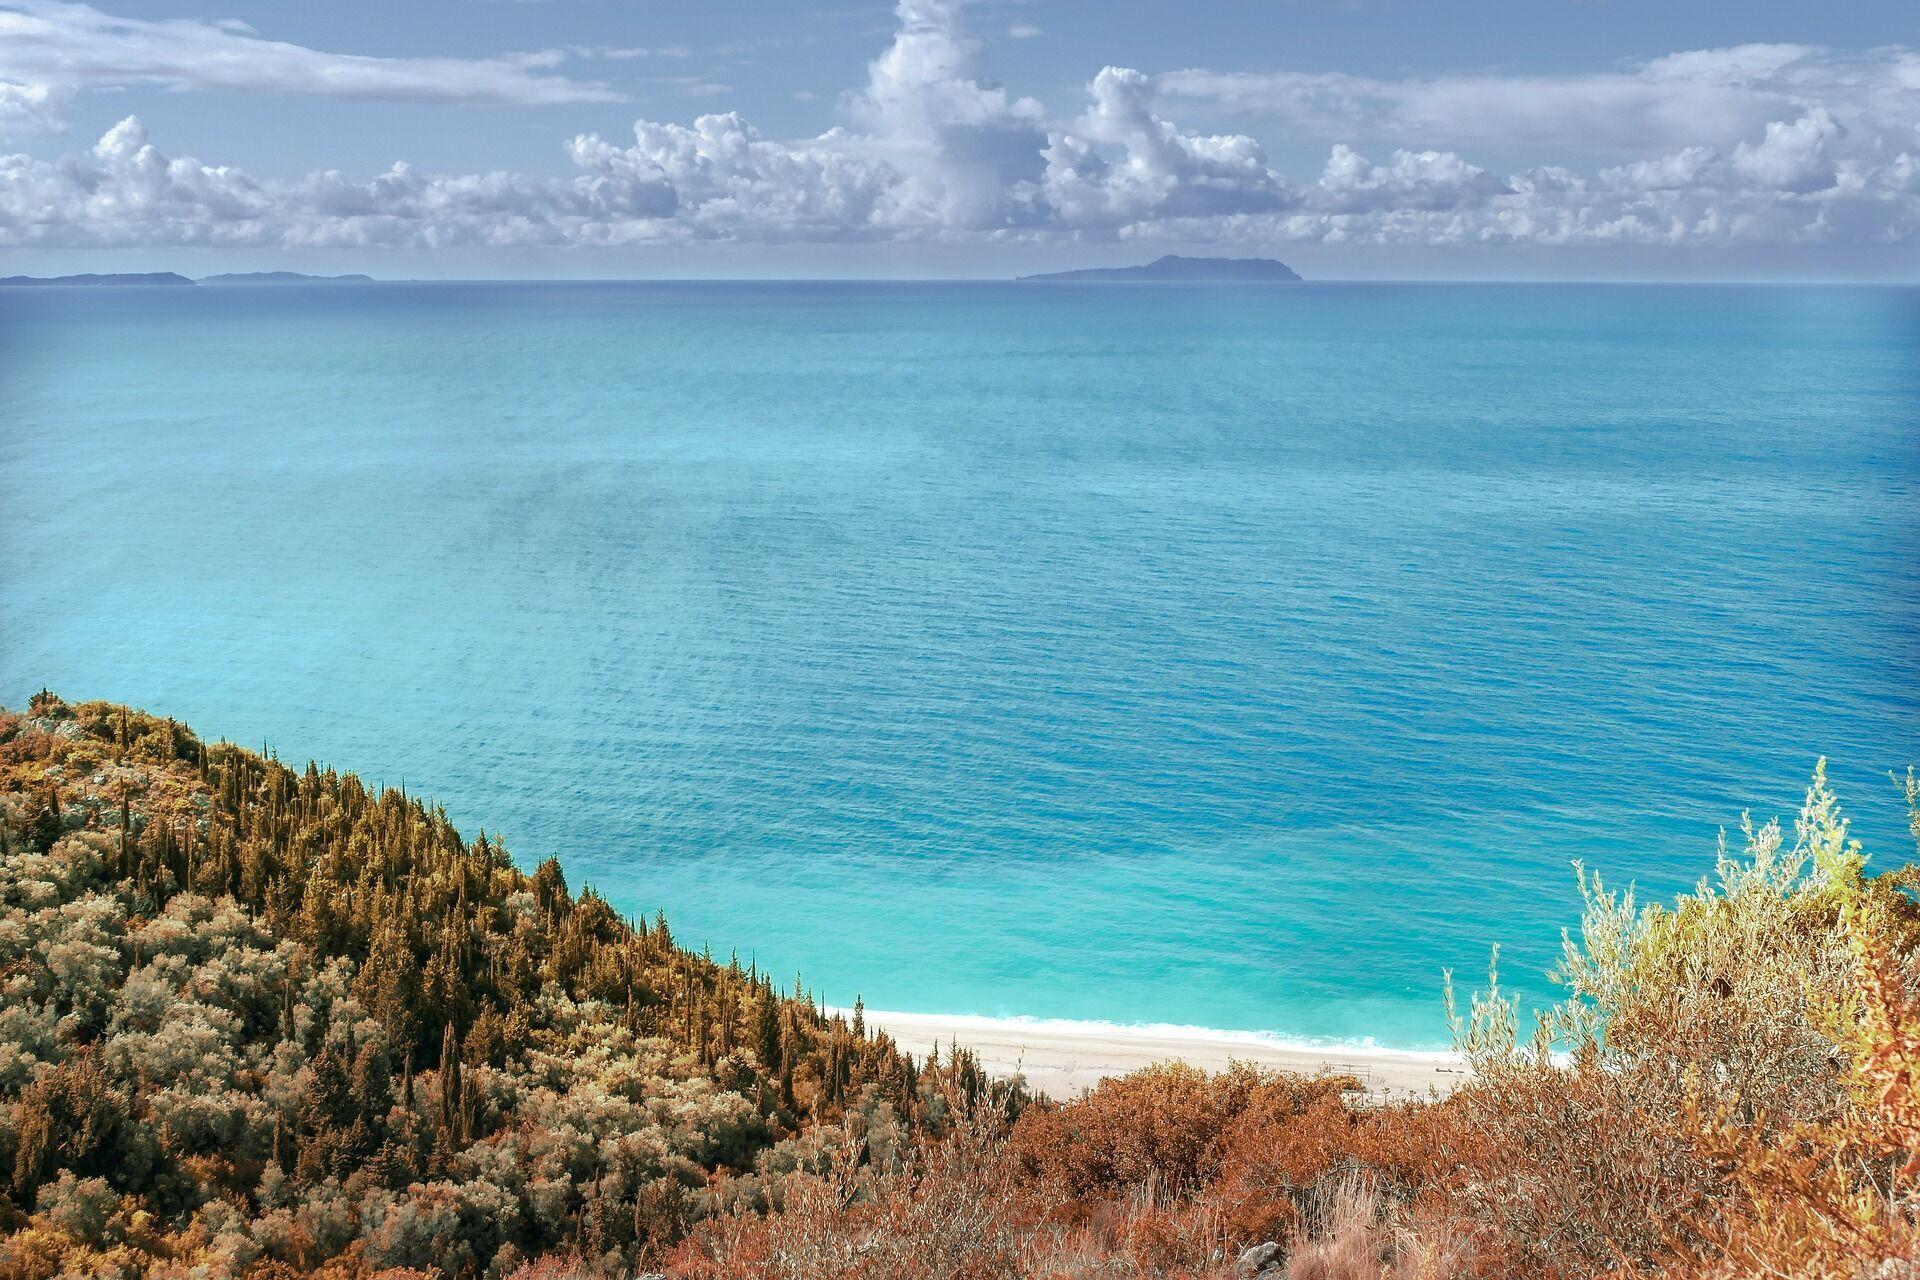 Ляльзіт розташовується в центральній частині Албанії, по сусідству з мисом Кепі Родоніт і за 40 км від Тирани